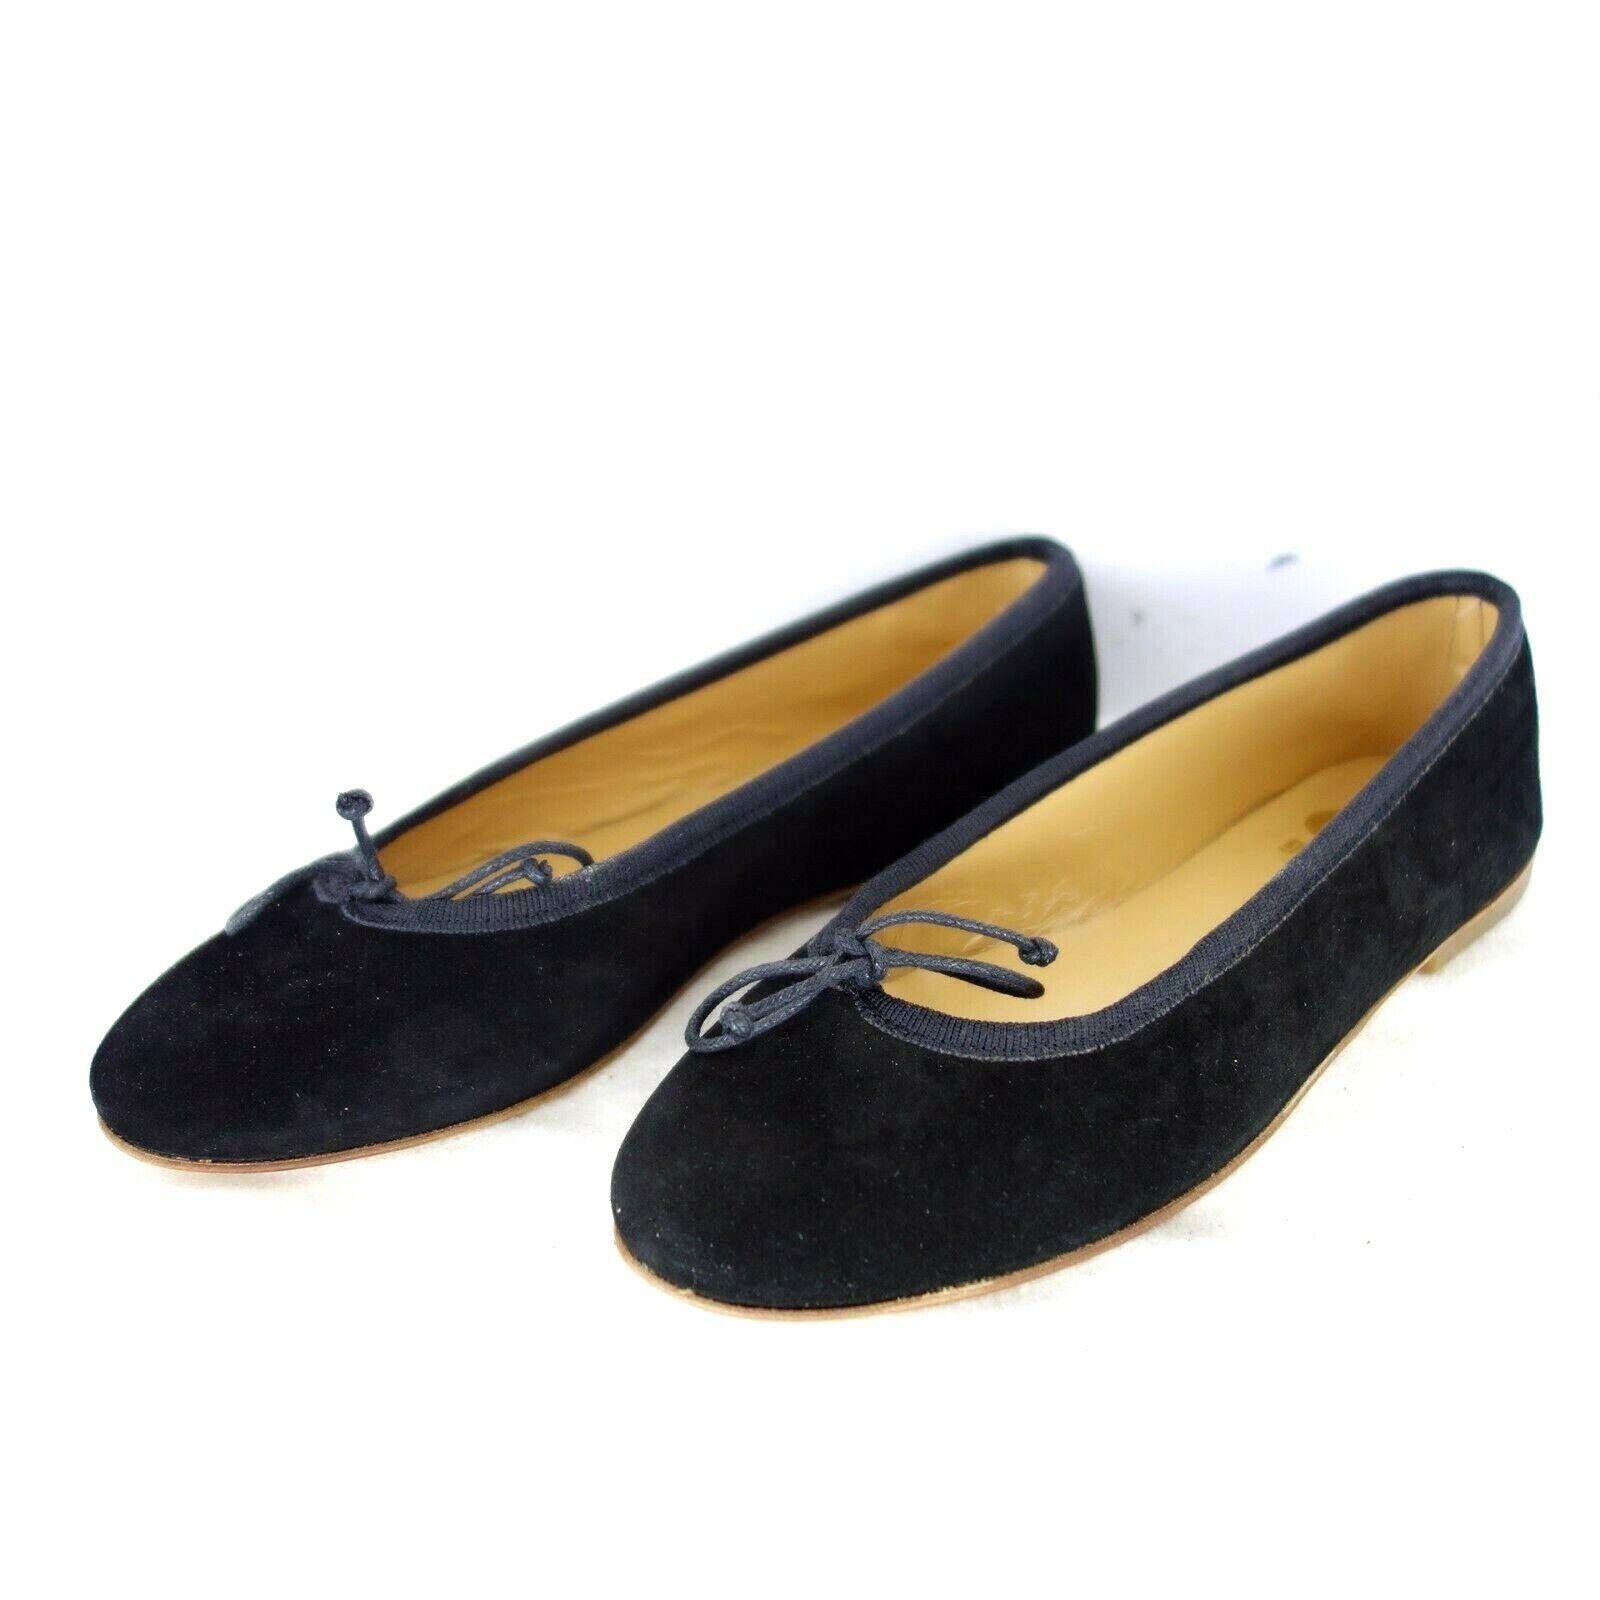 Gallucci Femme chaussures Ballerines Gr 36 noir Cuir Daim Rond Np 139 Nouveau